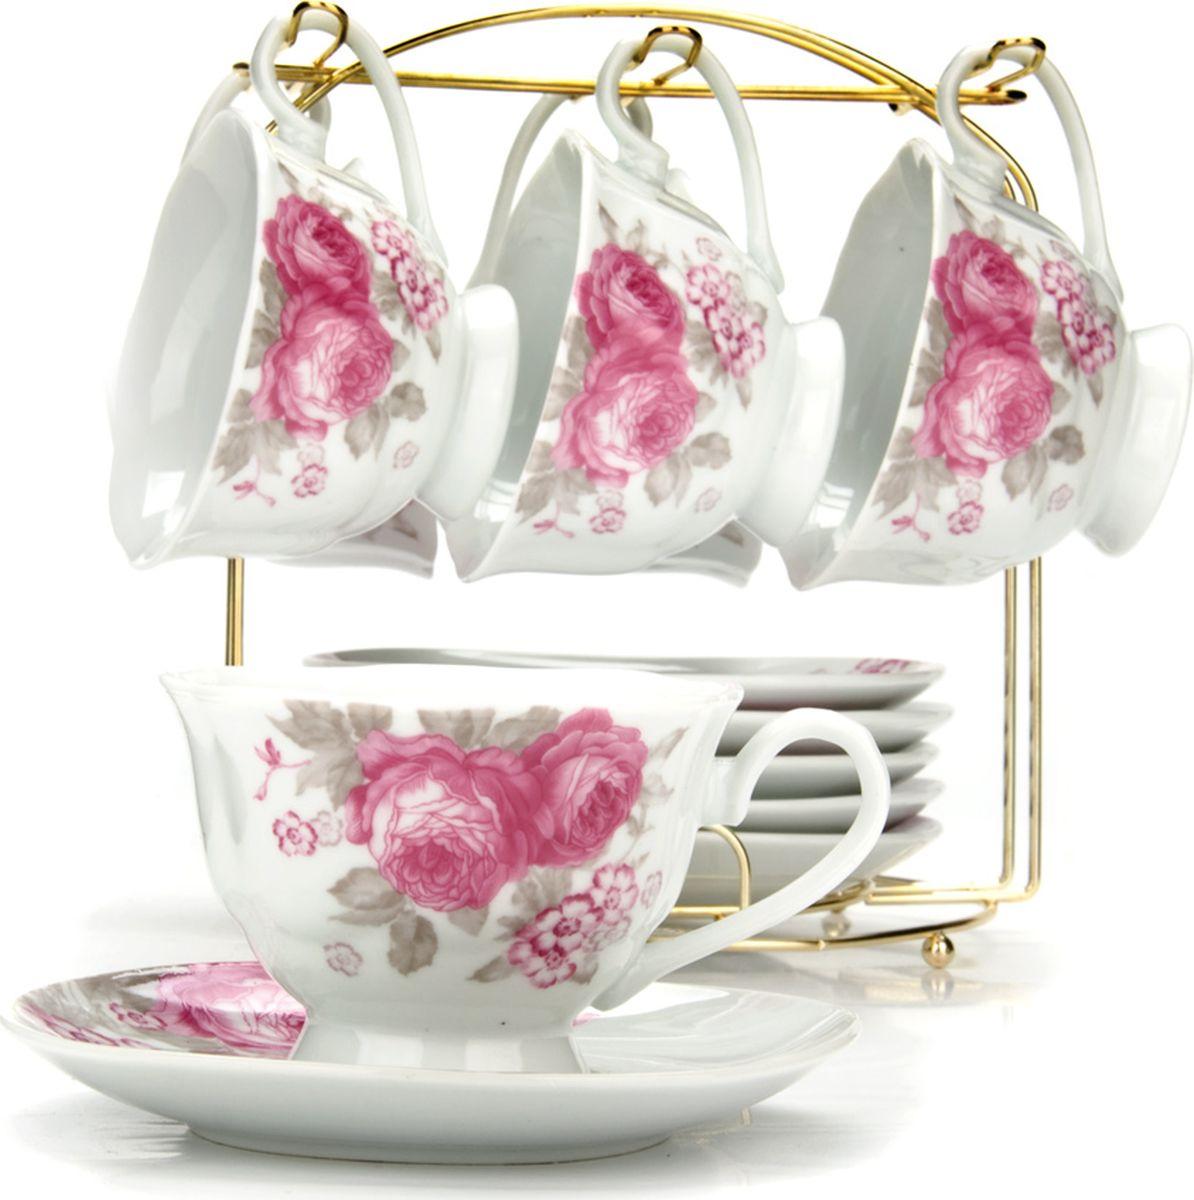 Сервиз чайный Loraine, на подставке, 13 предметов. 43295 сервиз чайный loraine на подставке 13 предметов 43294